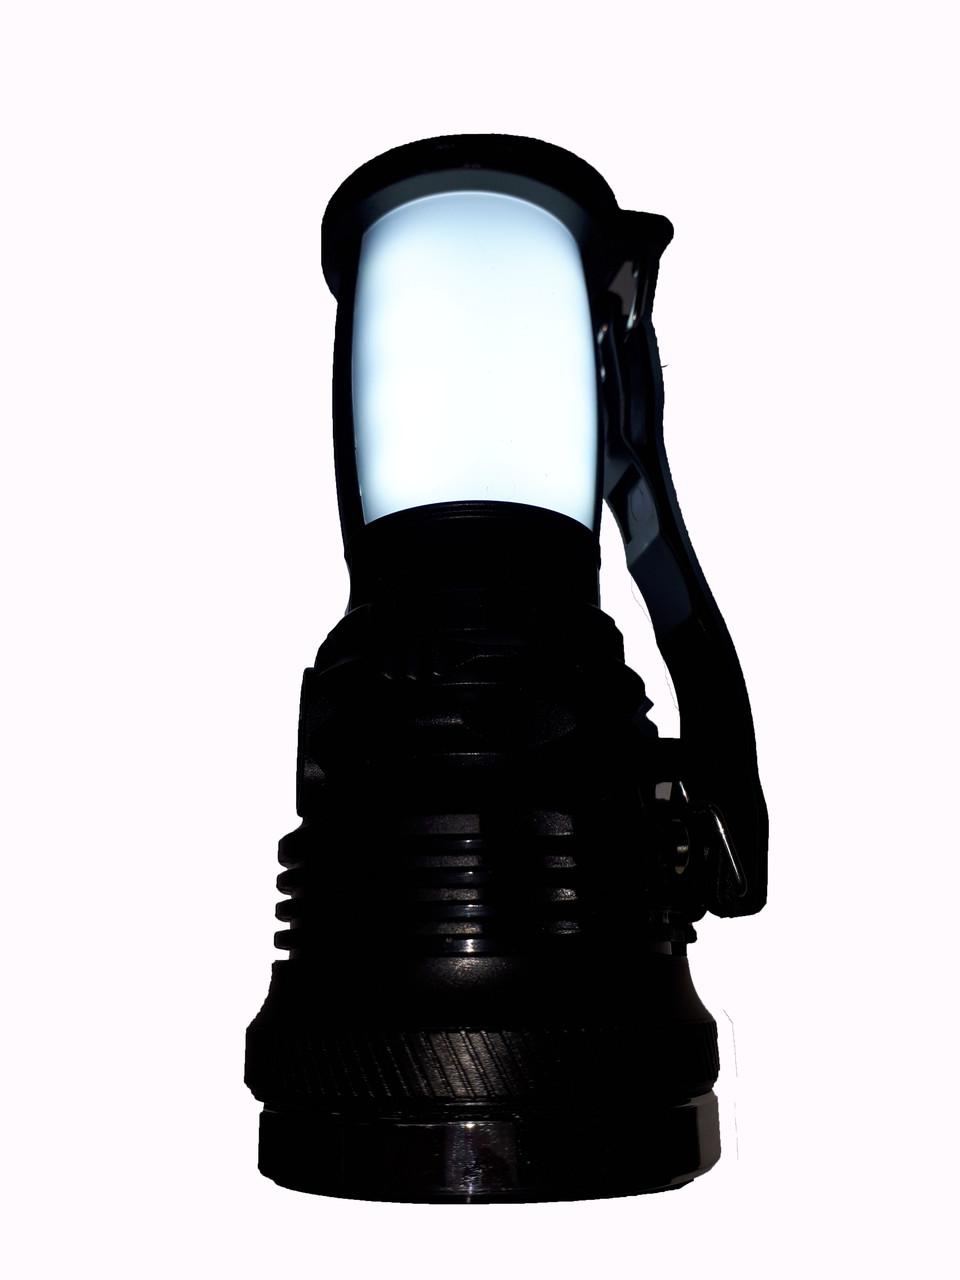 Фонарь аккумуляторный YJ-2891Т  1W+16 SMD LED